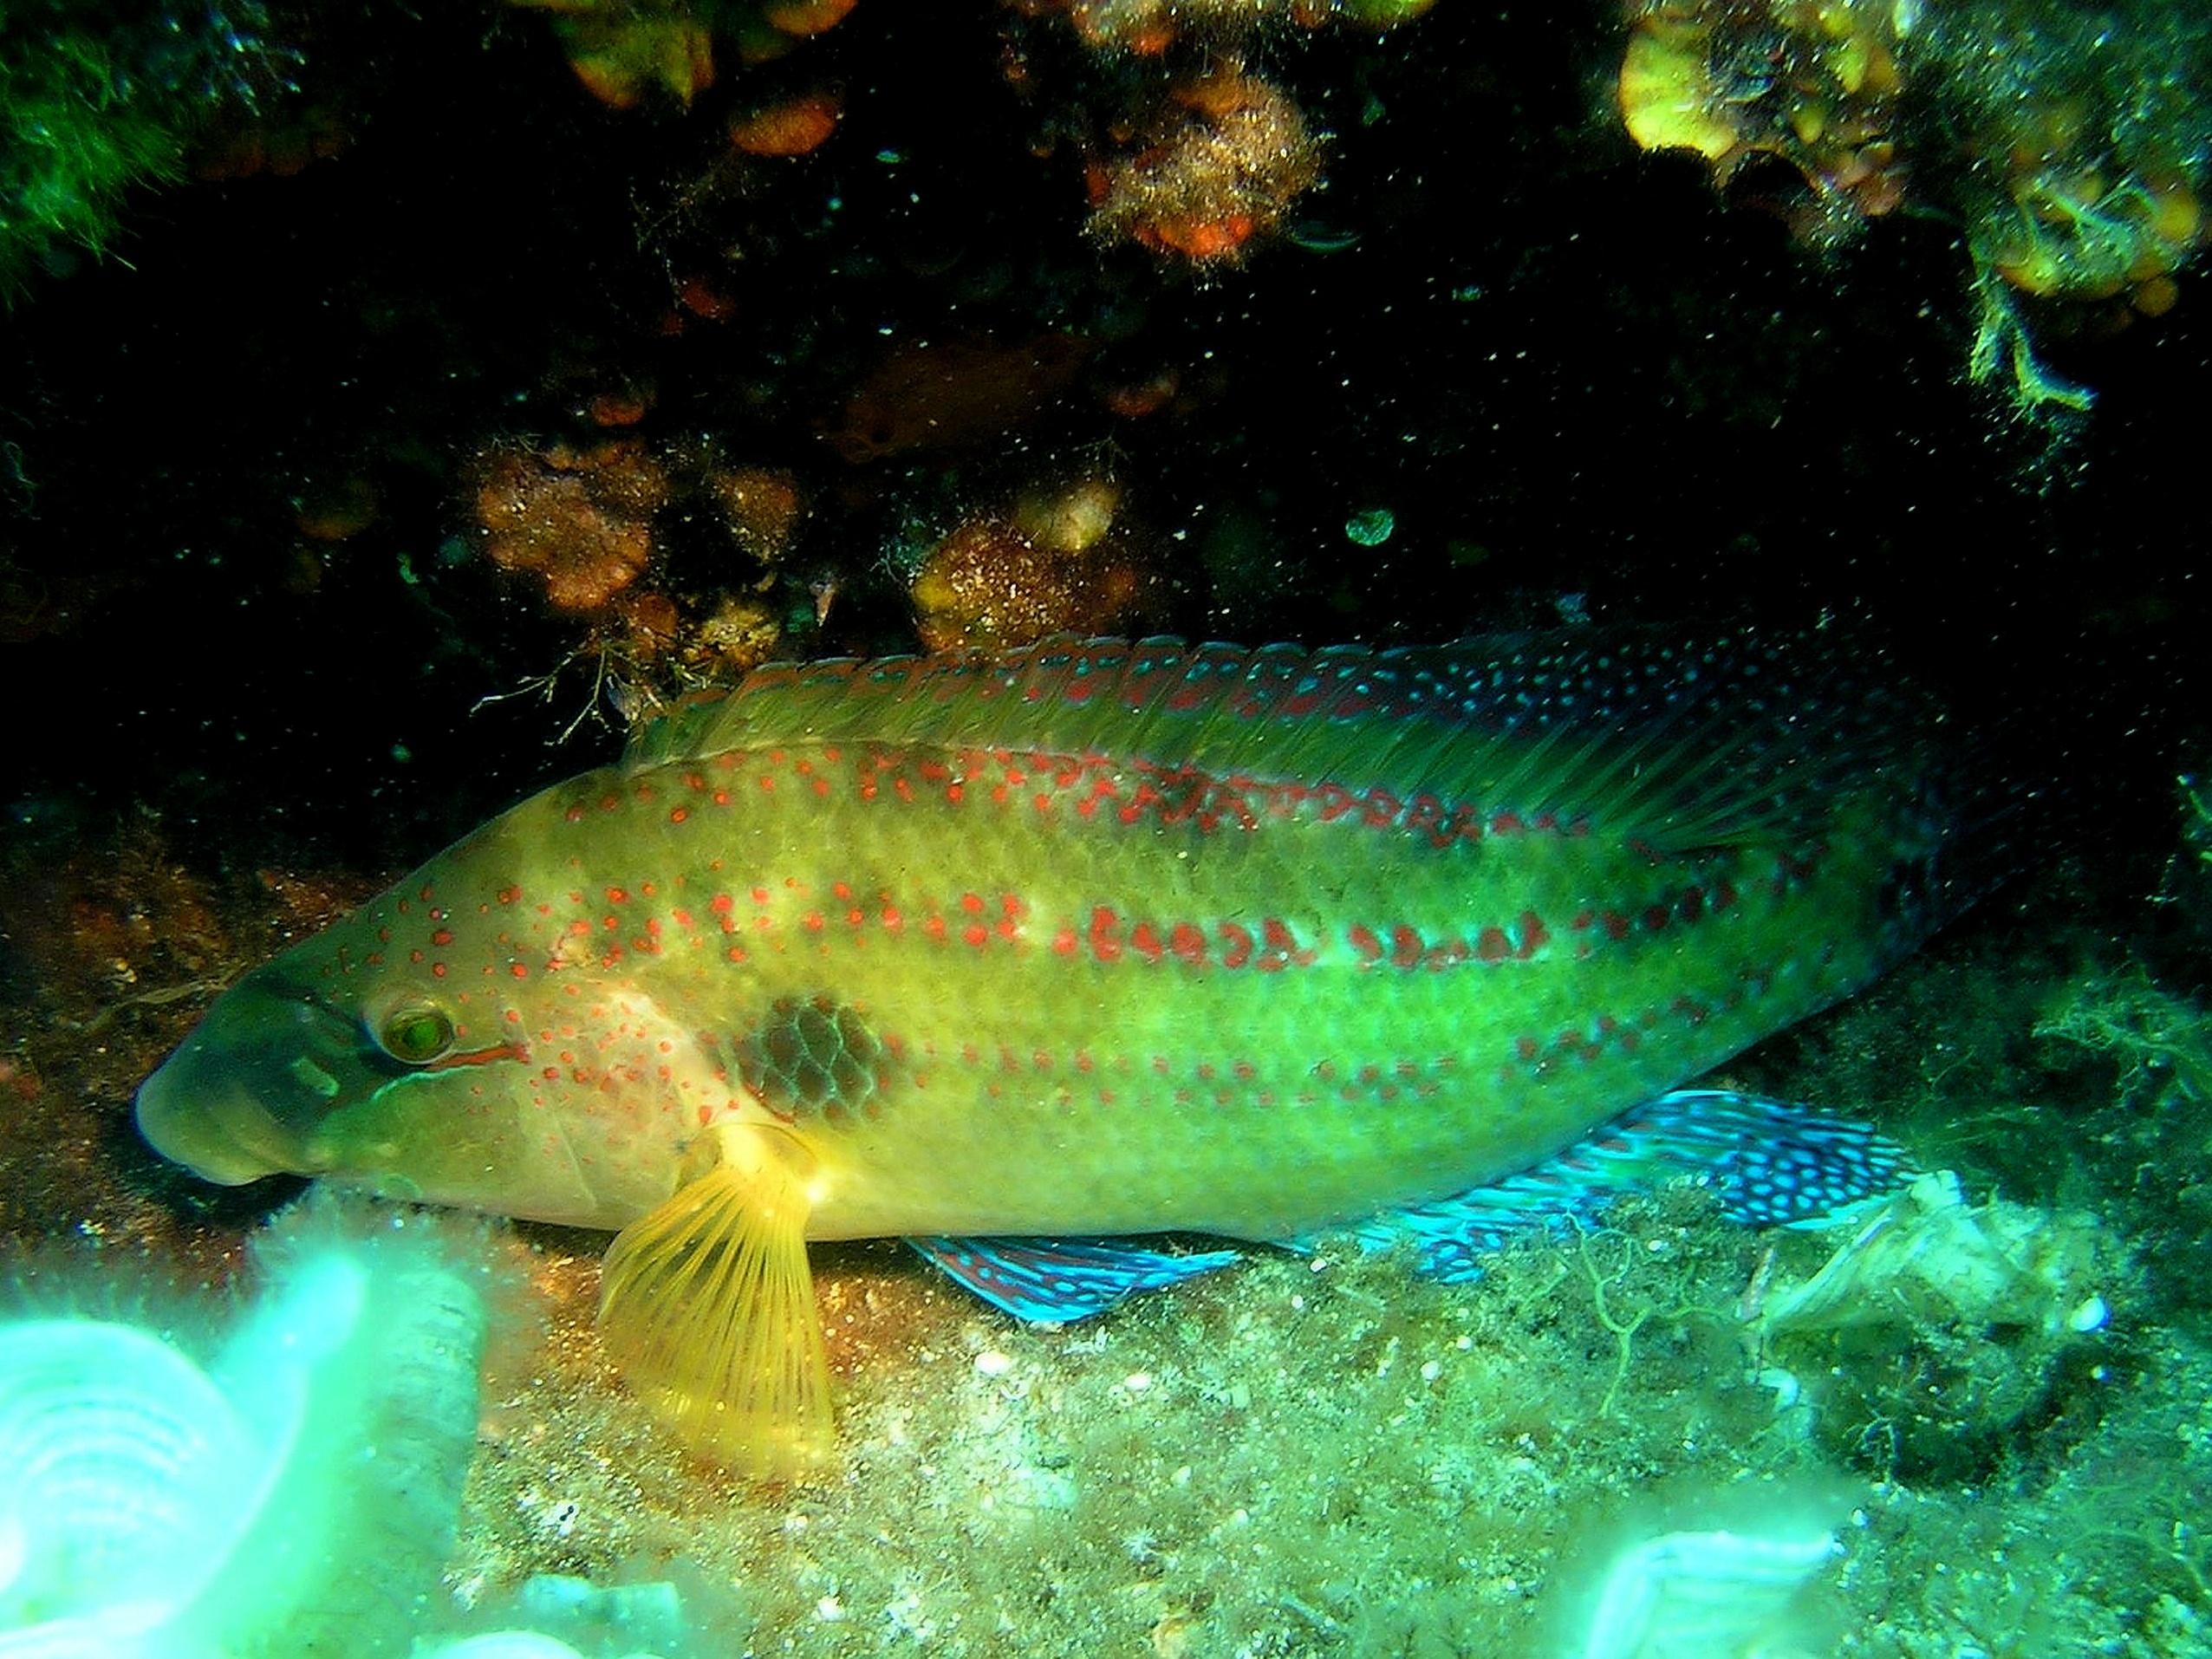 Pyskoun v hloubce 8 m, základna Murter 2006, Olympus Camedia C4040, přisvícení lampou